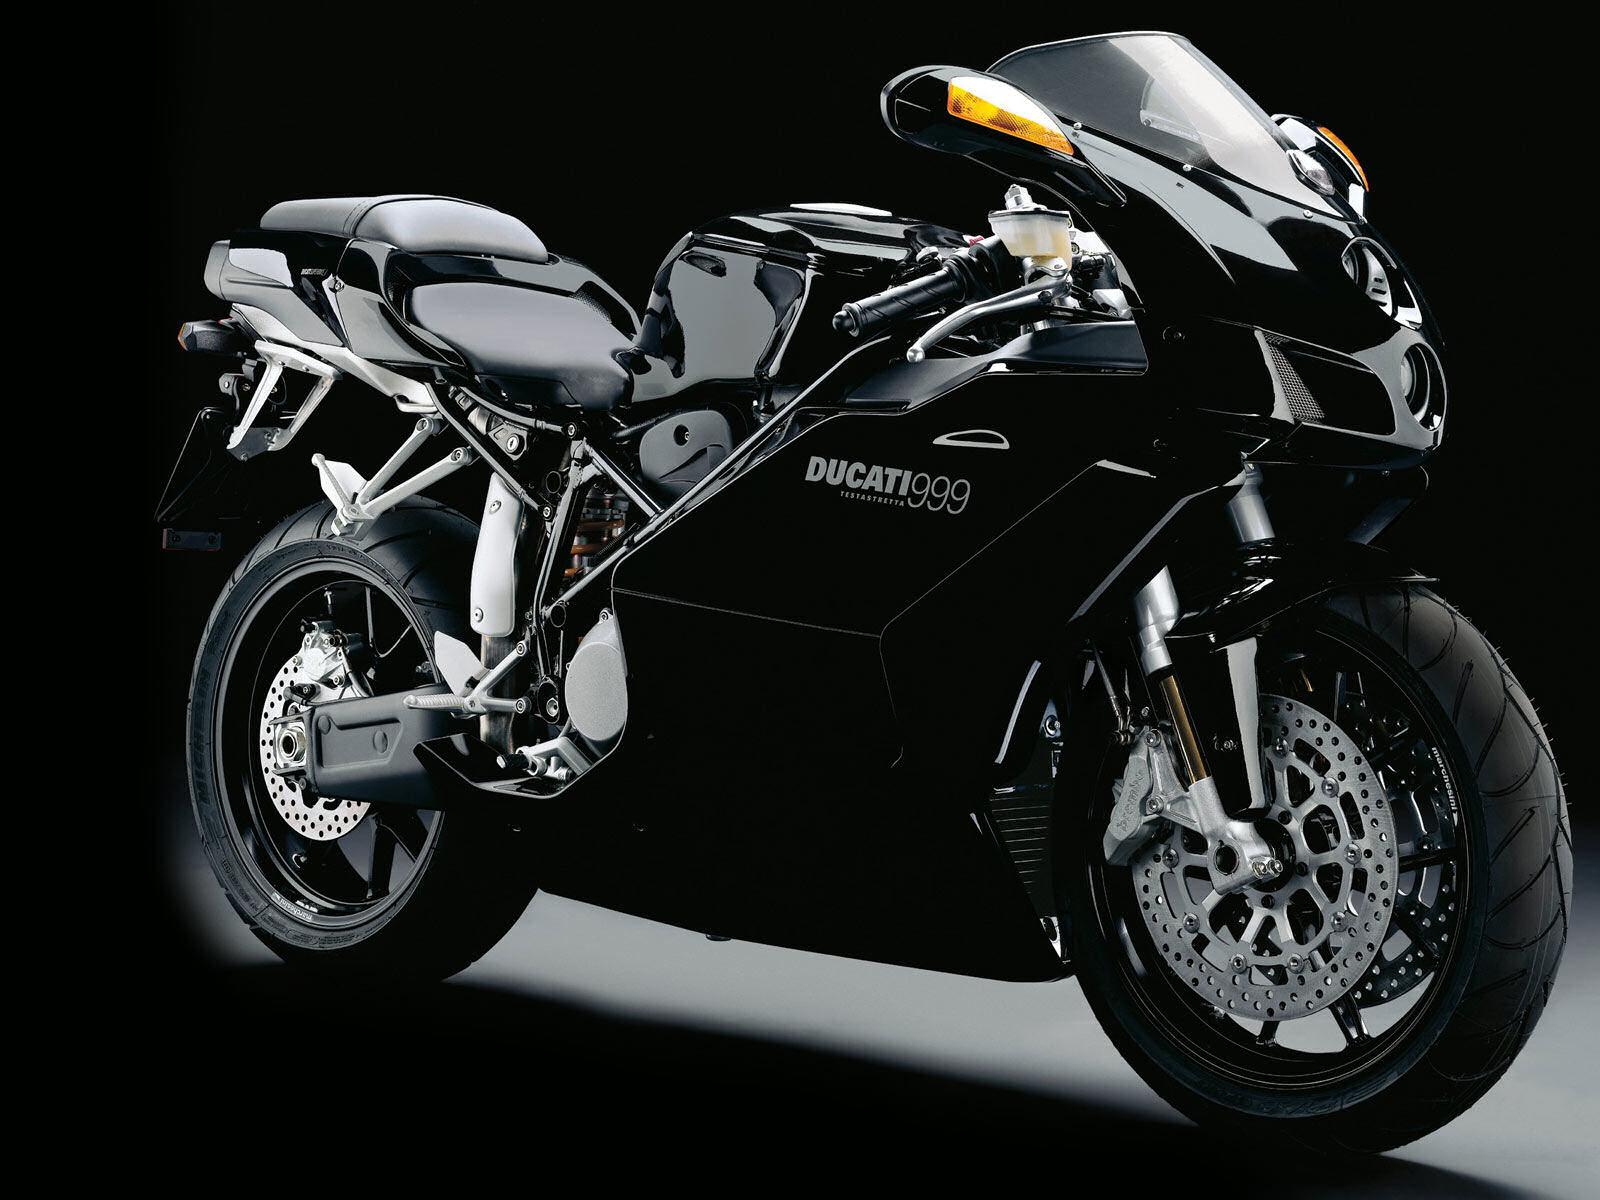 http://2.bp.blogspot.com/-UjnI3QKIlrI/TiyYGsztIWI/AAAAAAAAMQk/9KRTxa7SnmE/s1600/sports+bike+wallpaper-1.jpeg